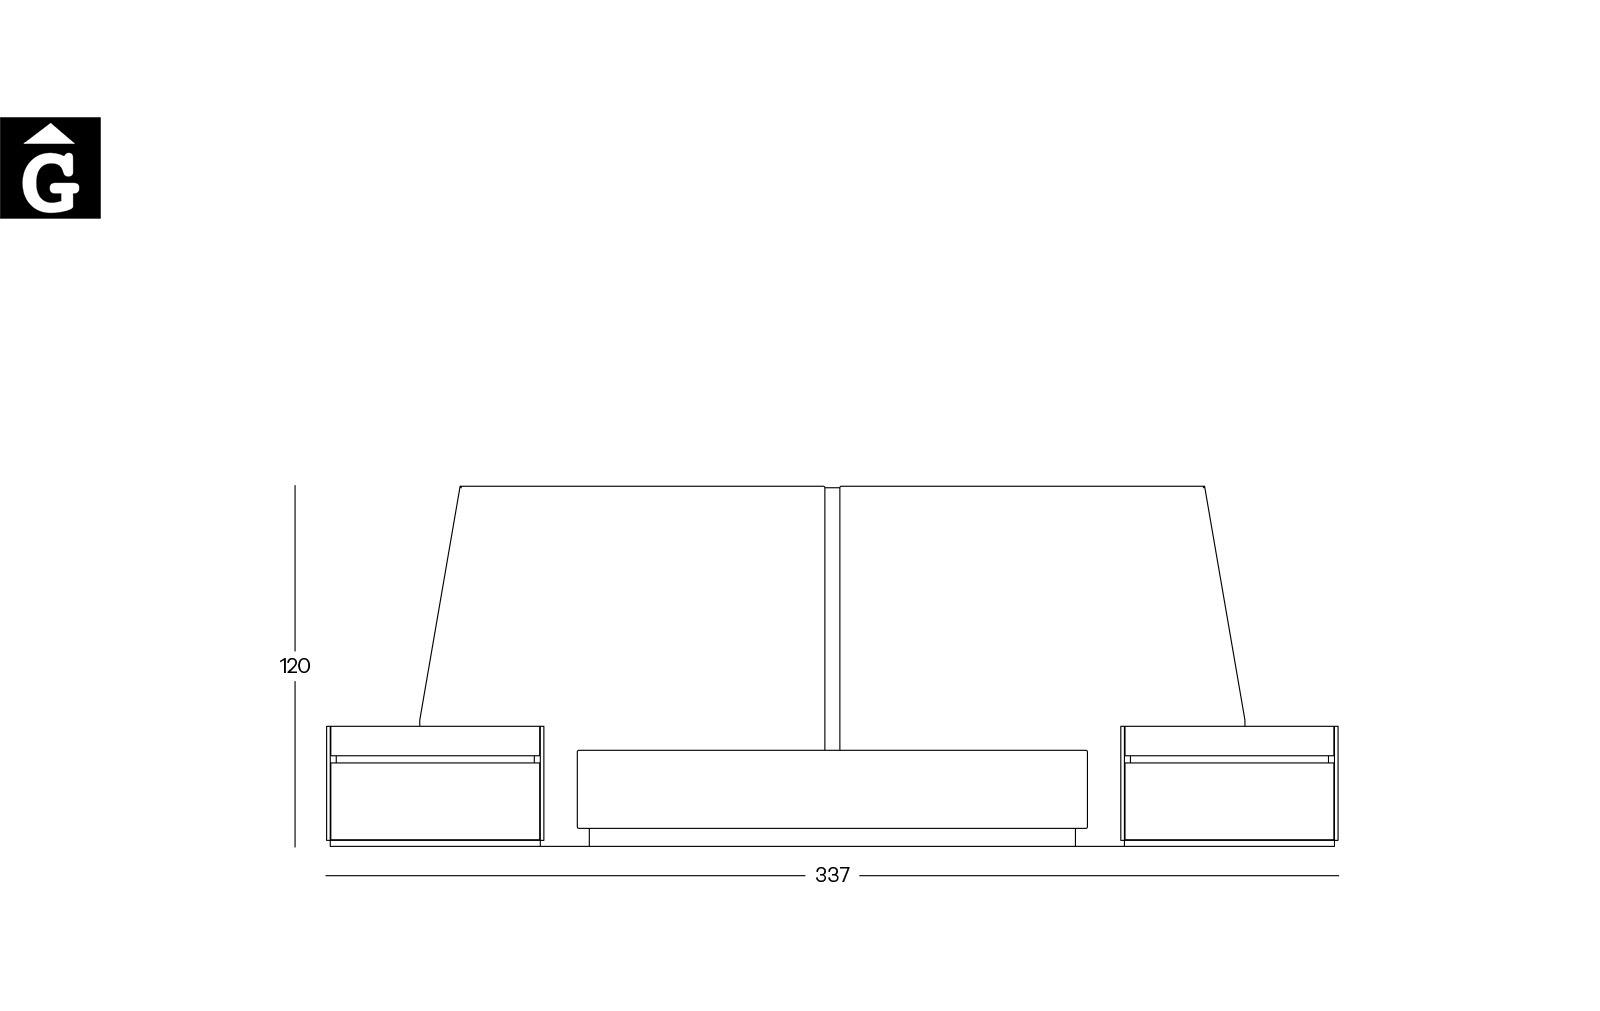 24 2 Area mobles Ciurans per mobles Gifreu programa modular disseny atemporal realitzat amb materials i ferratges de qualitat estil modern minimal